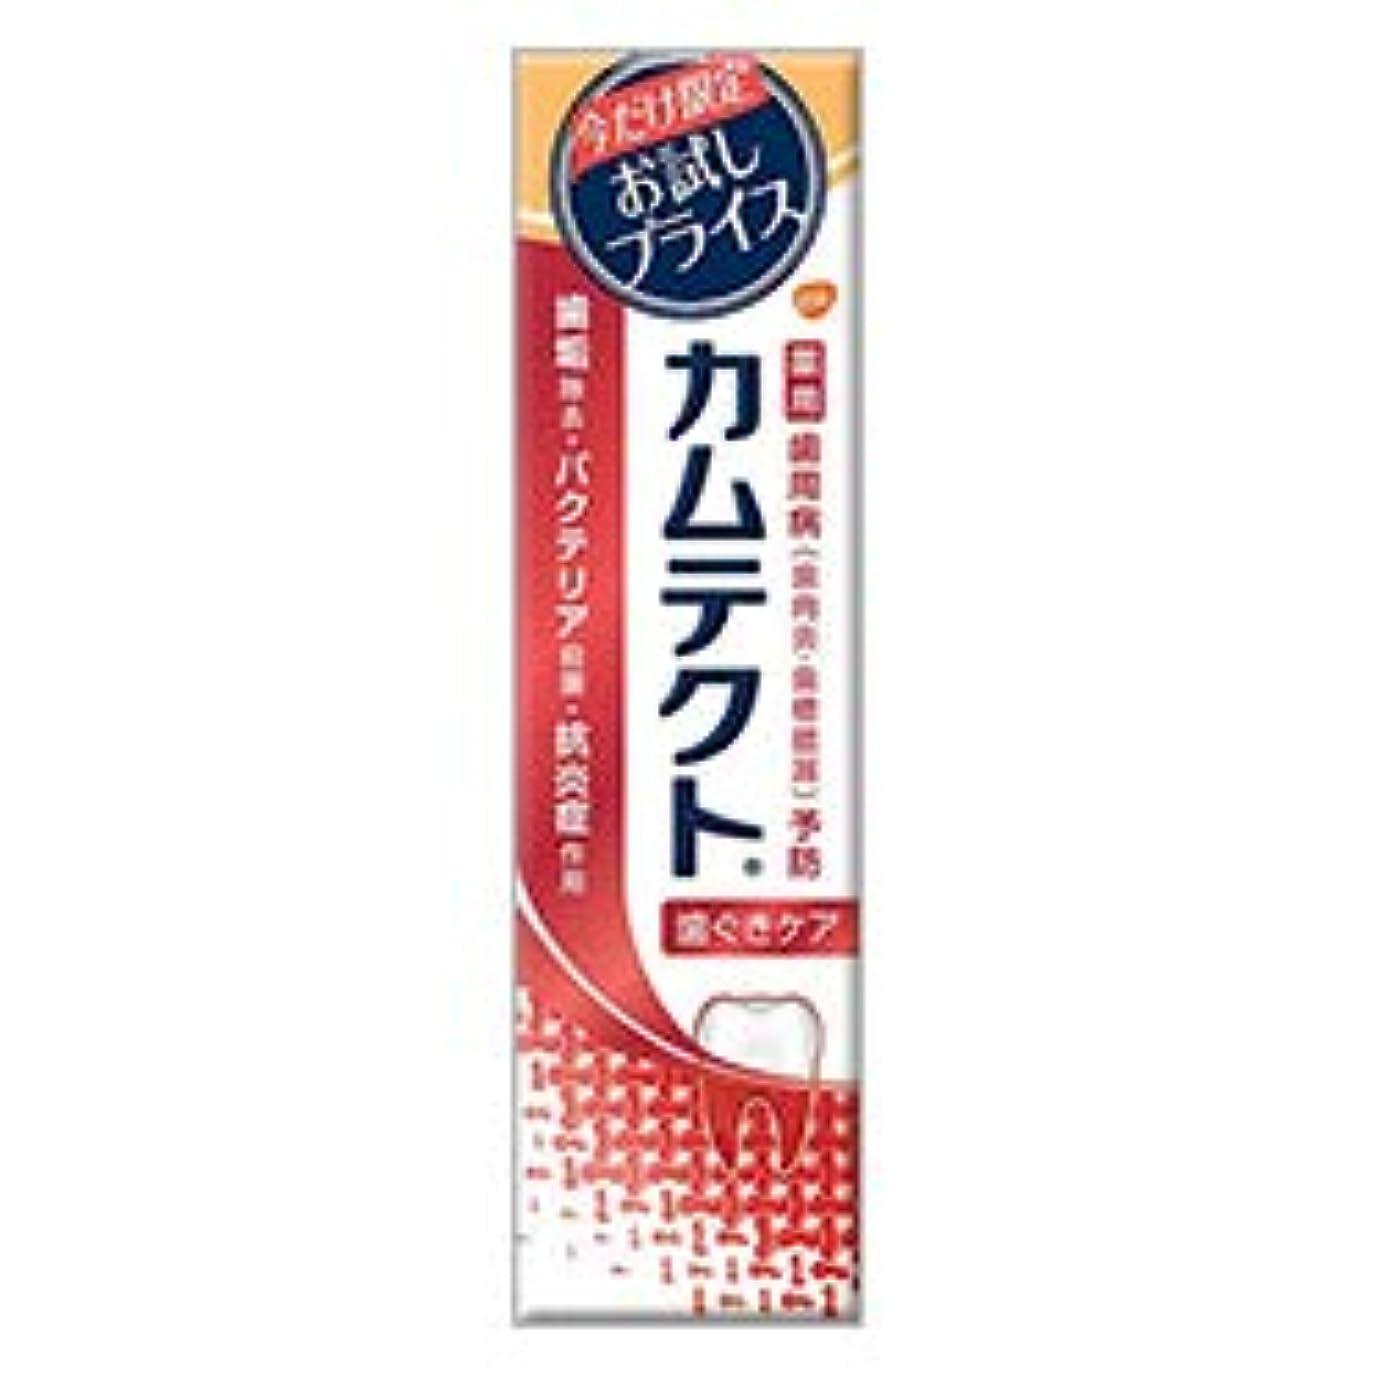 香ばしい驚き完璧【アース製薬】カムテクト 歯ぐきケア 限定お試し版 105g [医薬部外品] ×4 個セット